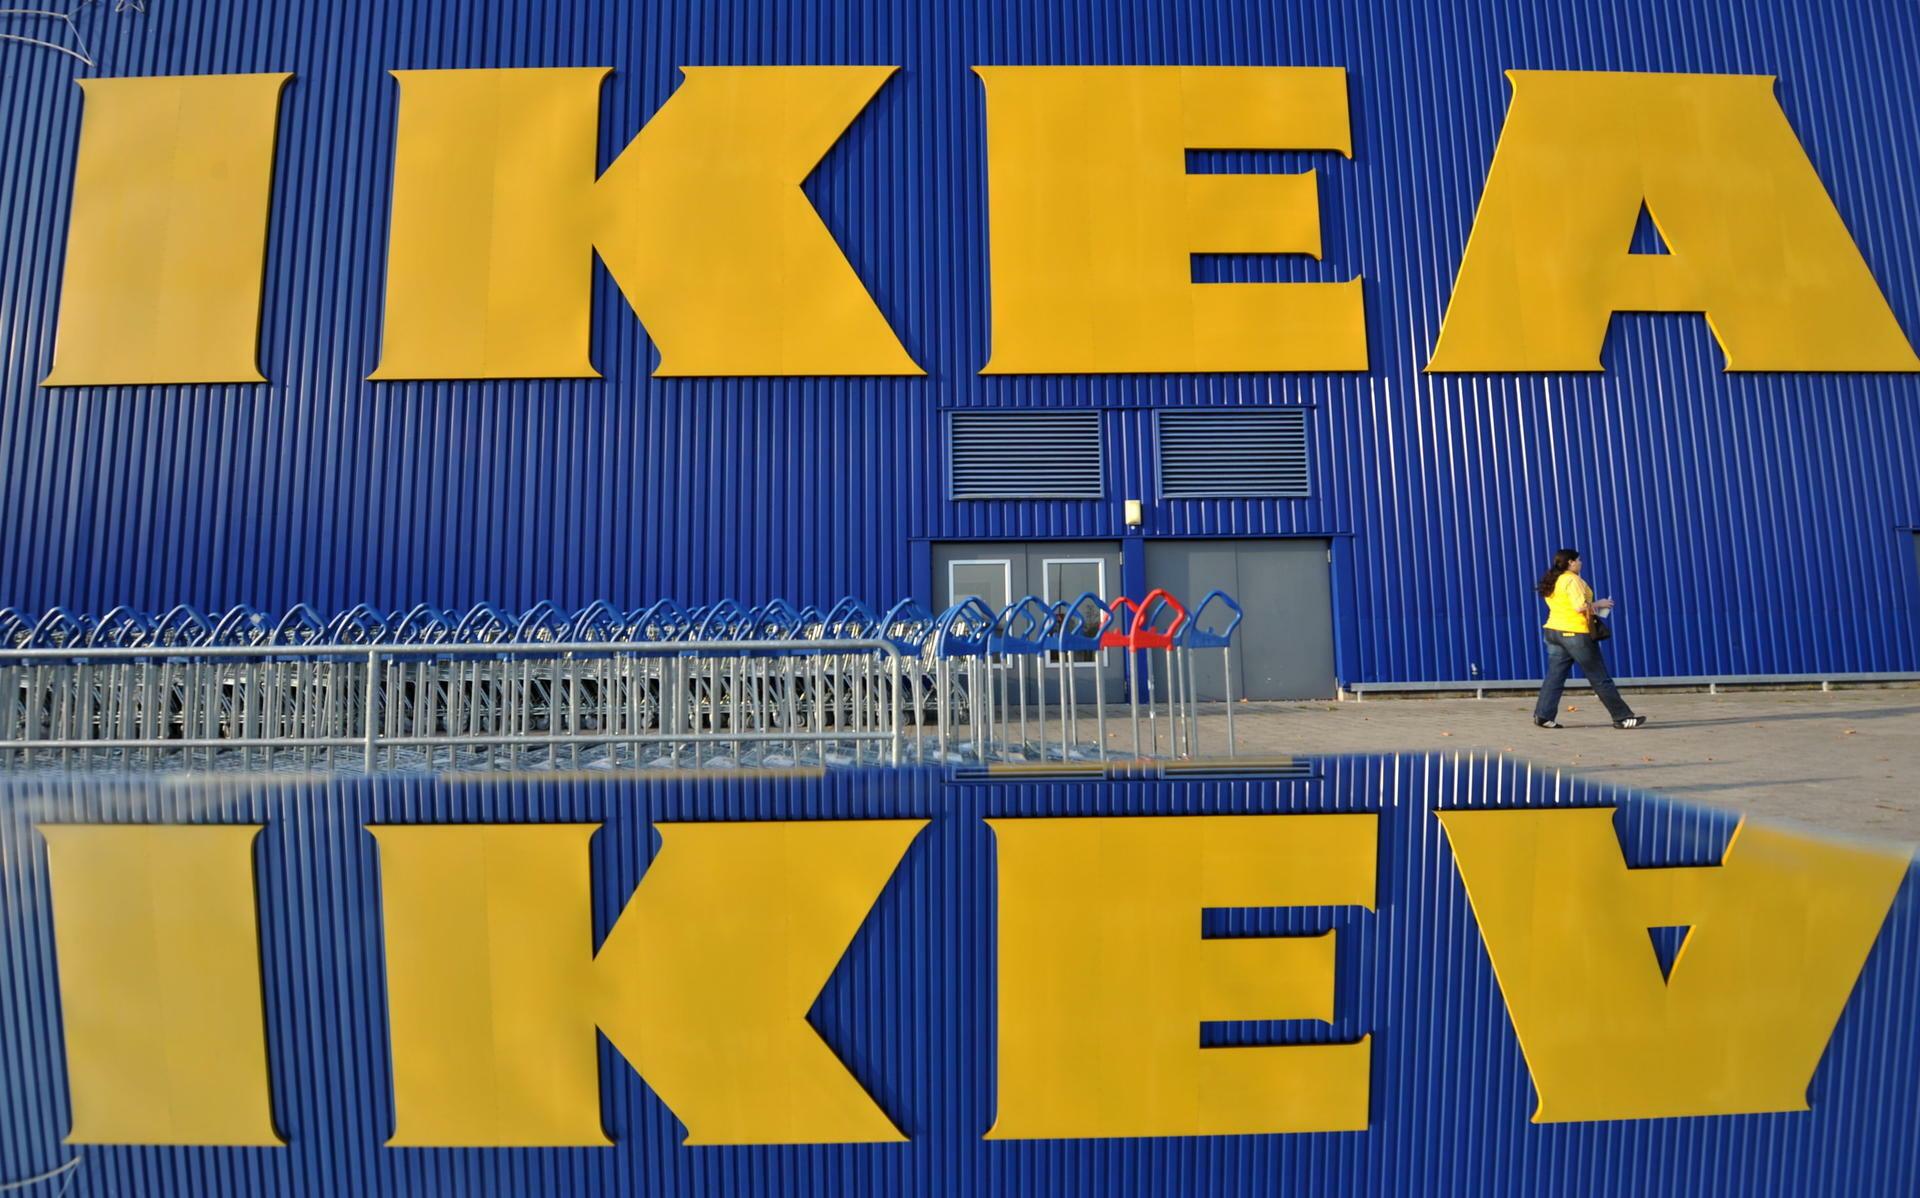 Möbelhändler China Geschäft Beschert Ikea Rekordzahlen